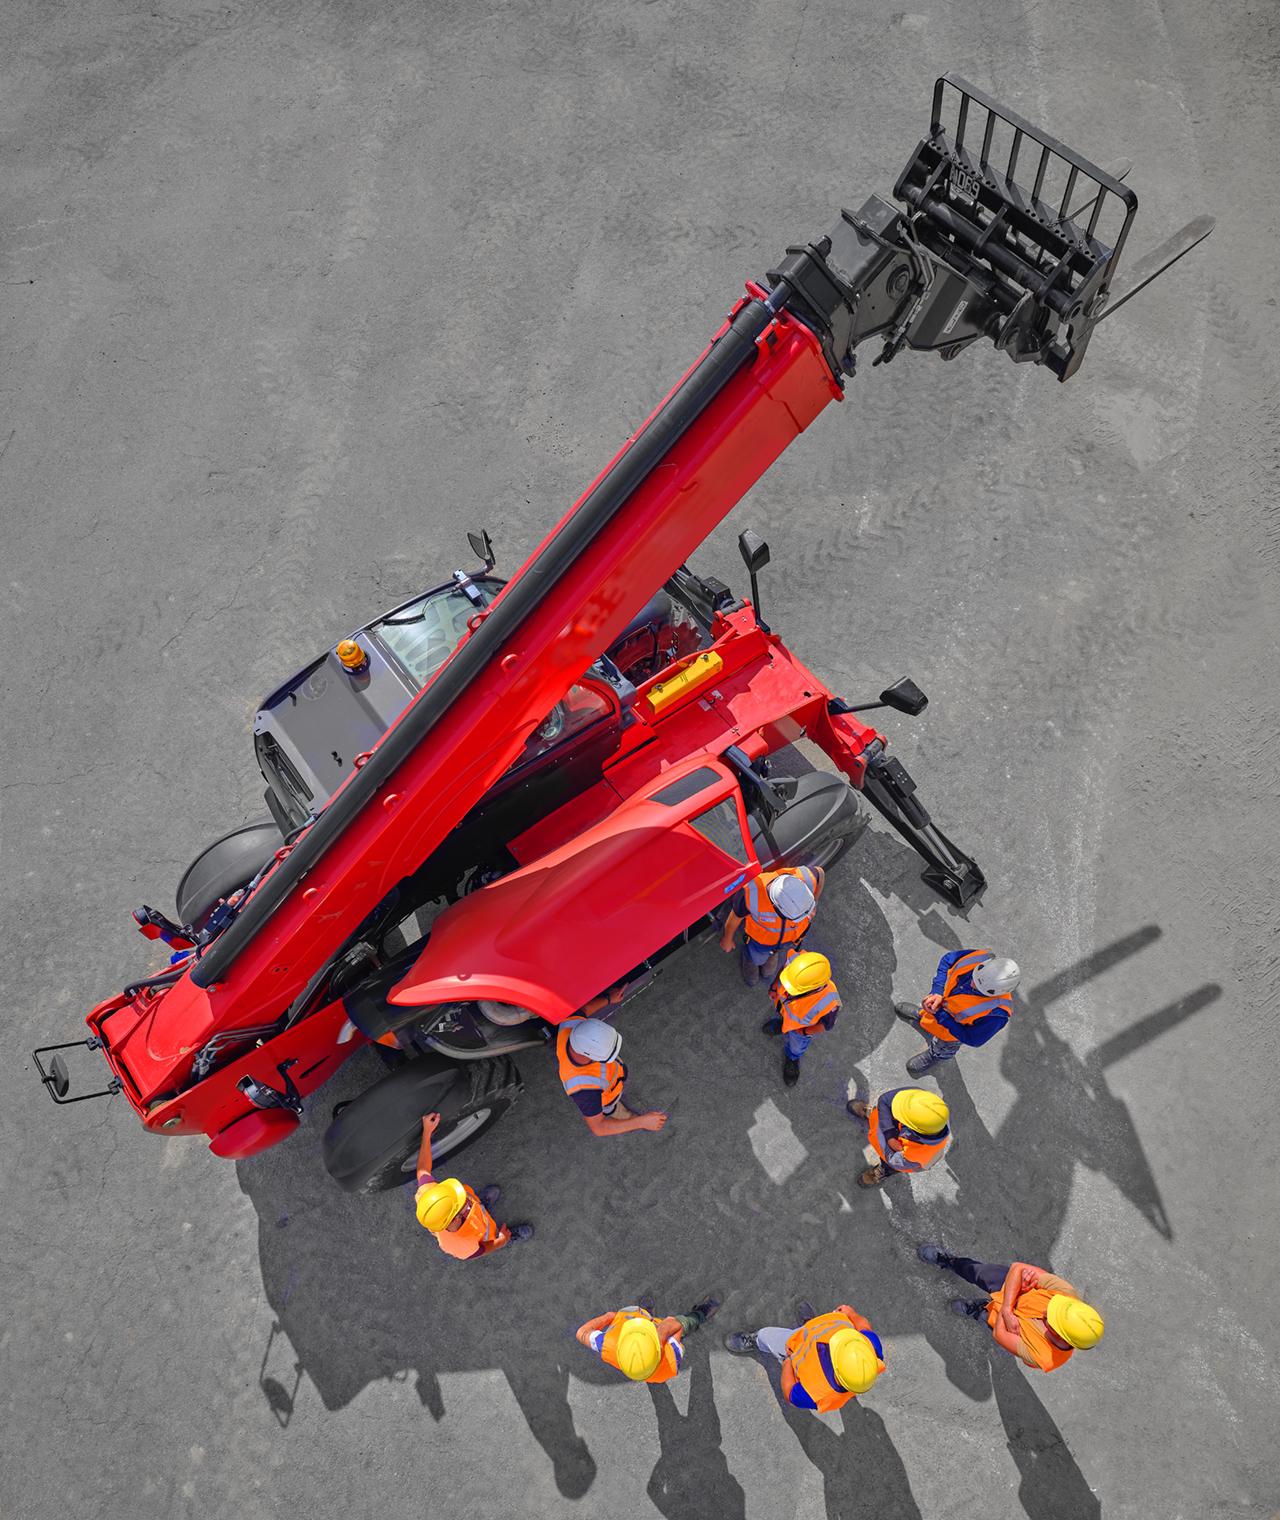 hommes en formation autour d'une pelle mécanique vue du dessus